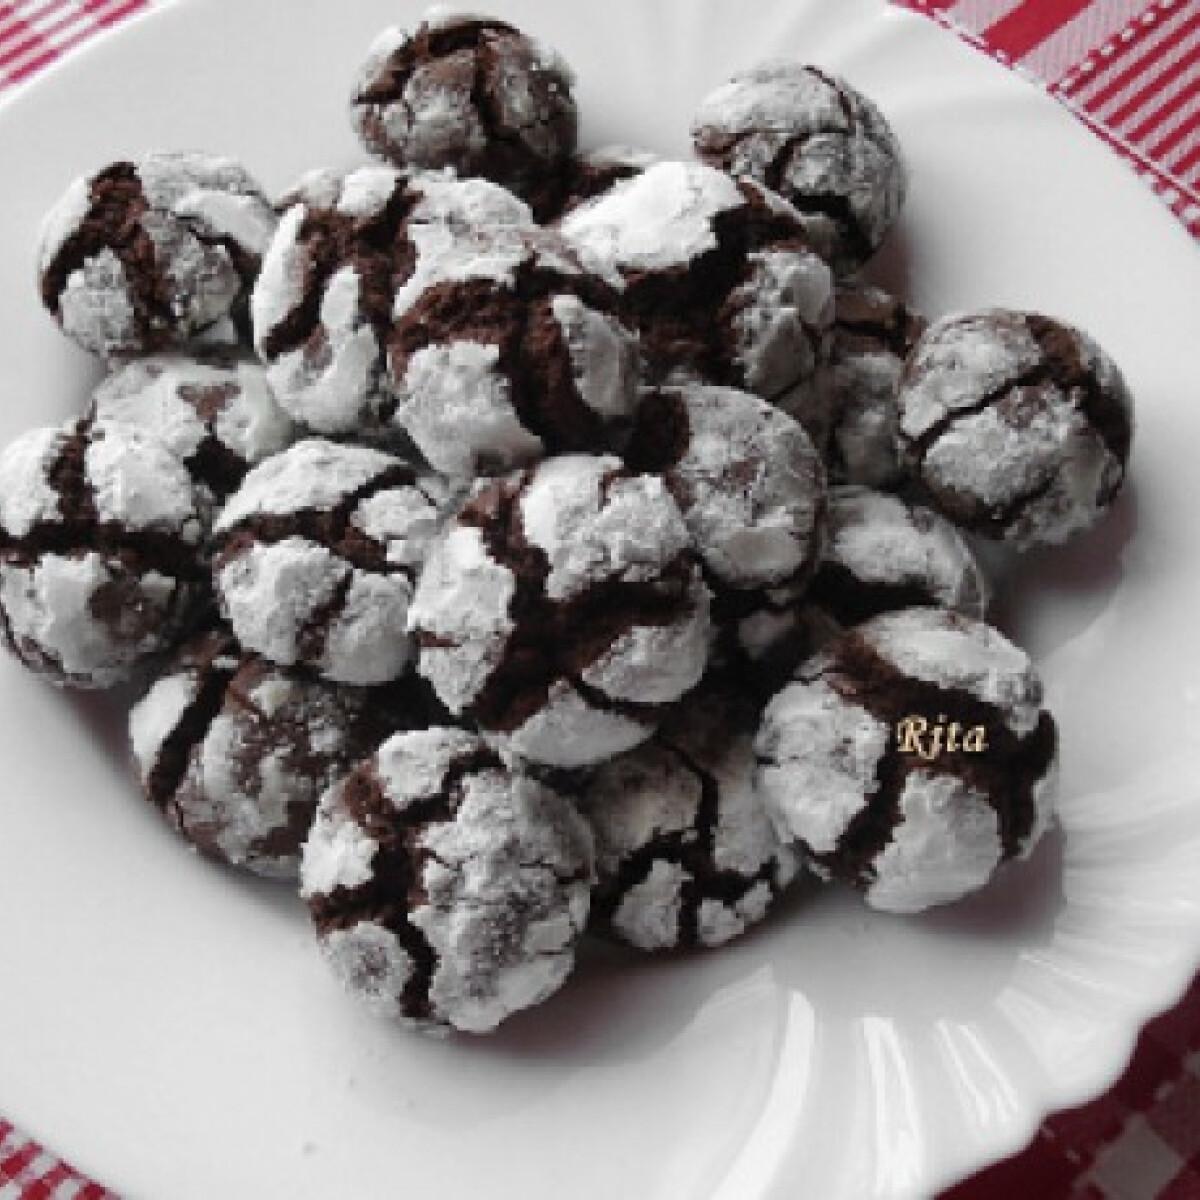 Csokis keksz TraRita konyhájából